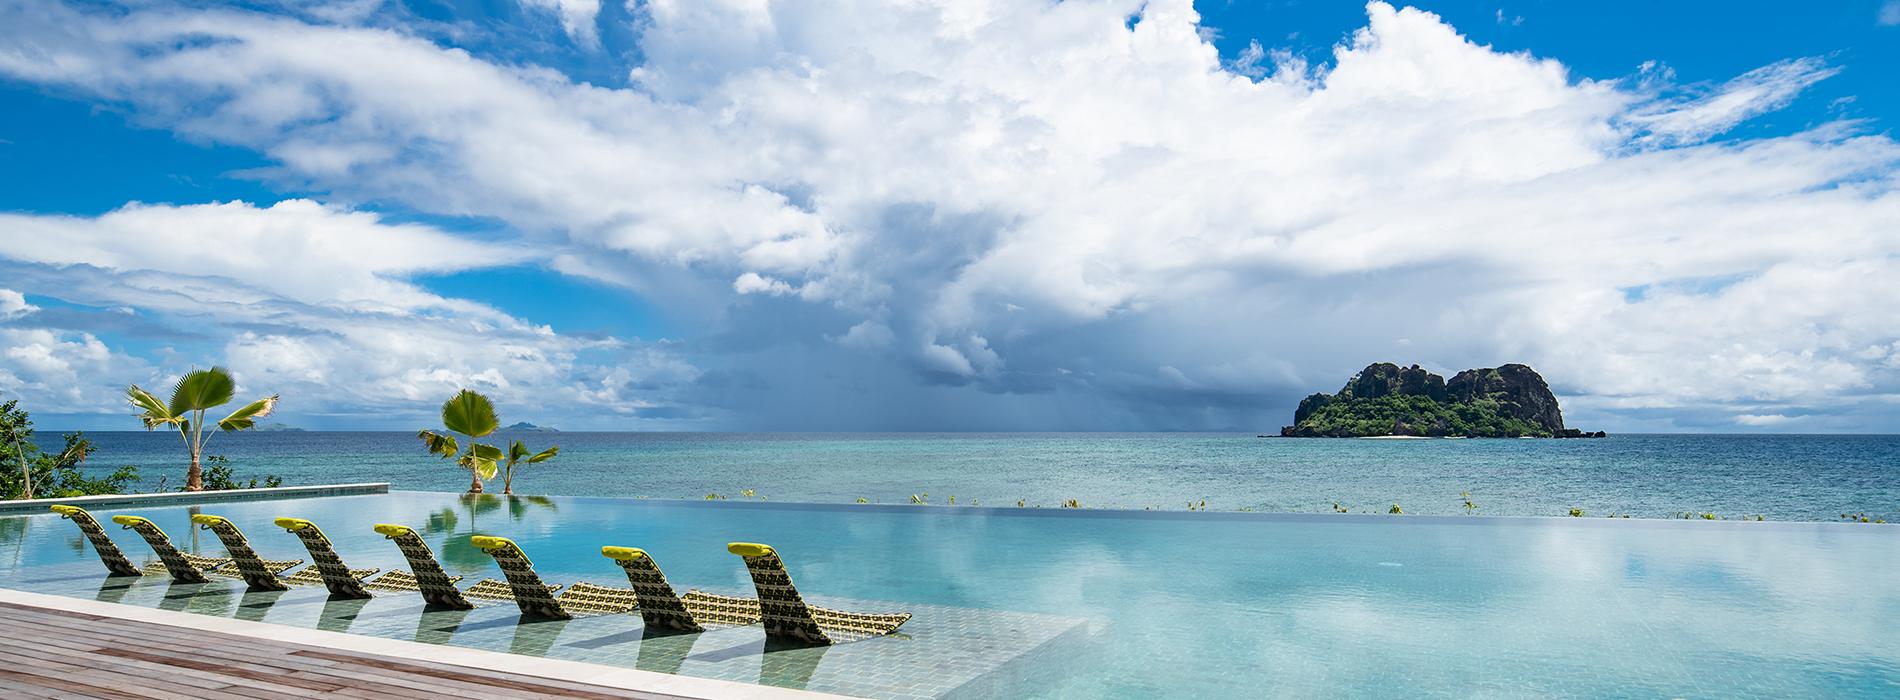 vomo island resort fiji